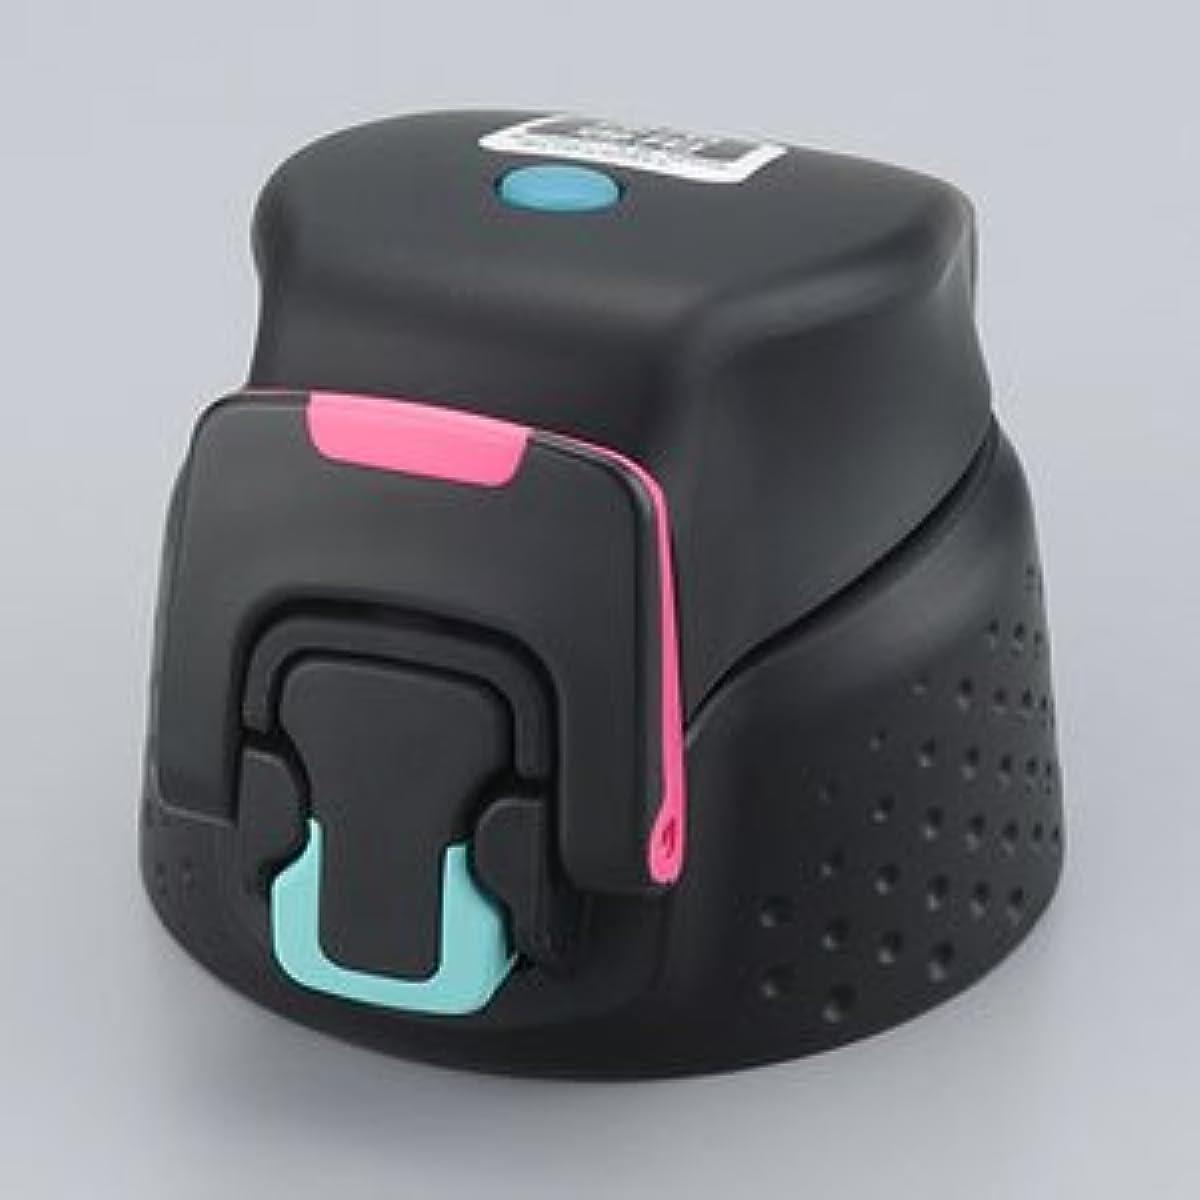 써모스 FFZ-500F/800F/1000F캡 유닛(패킹부) 블랙 핑크THERMOS B-004823-BPK-